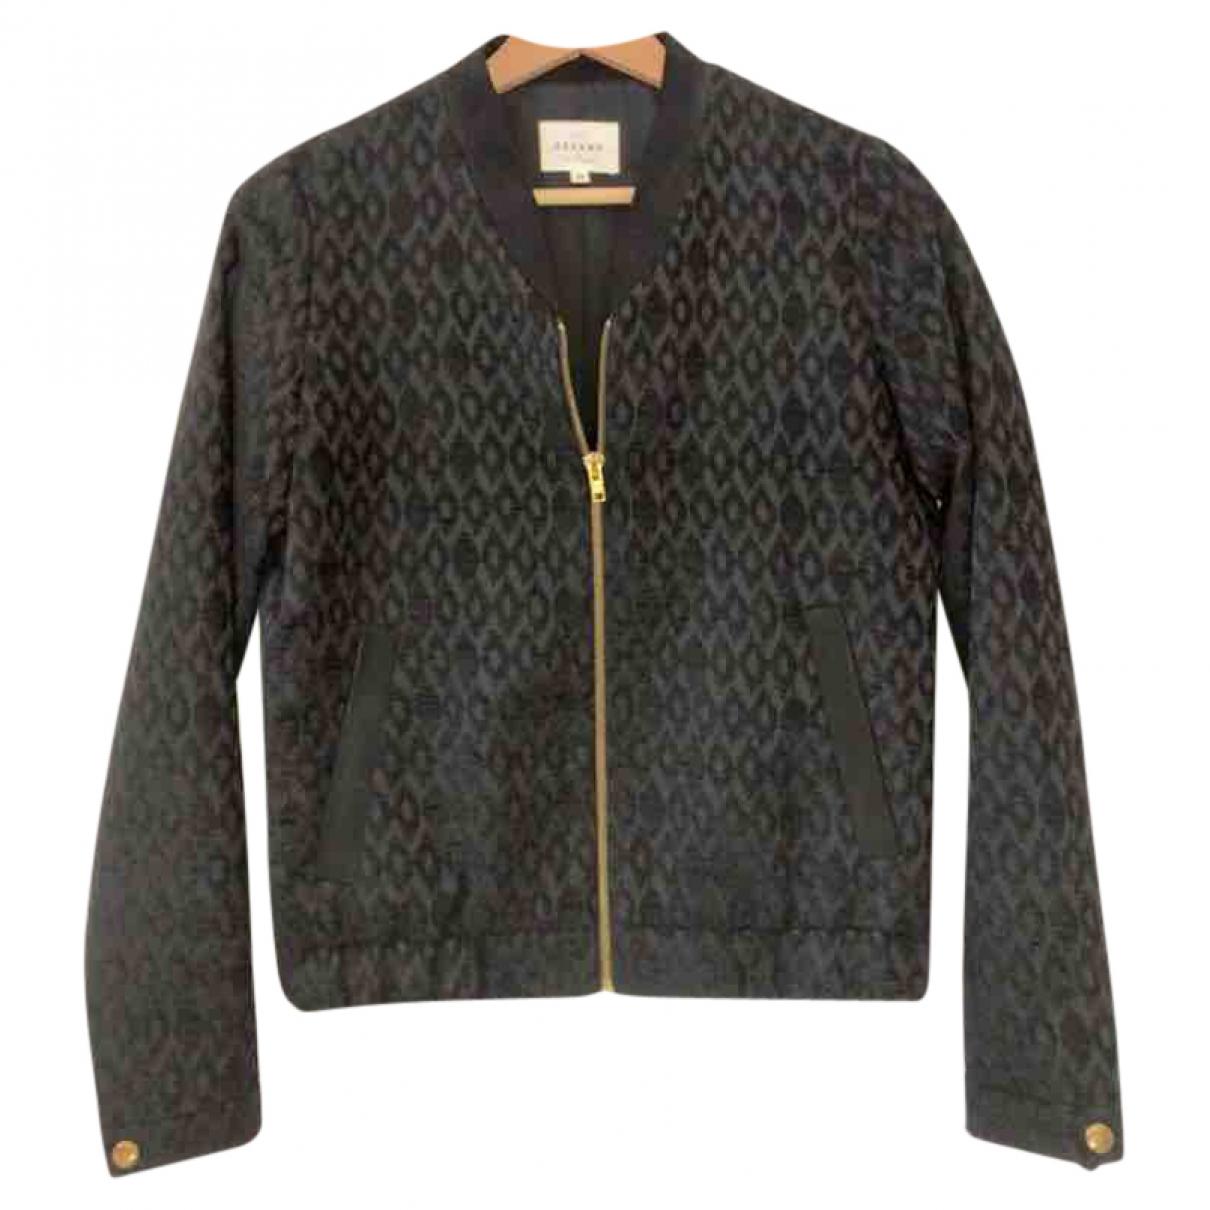 Sézane Fall Winter 2019 Black jacket for Women 36 FR